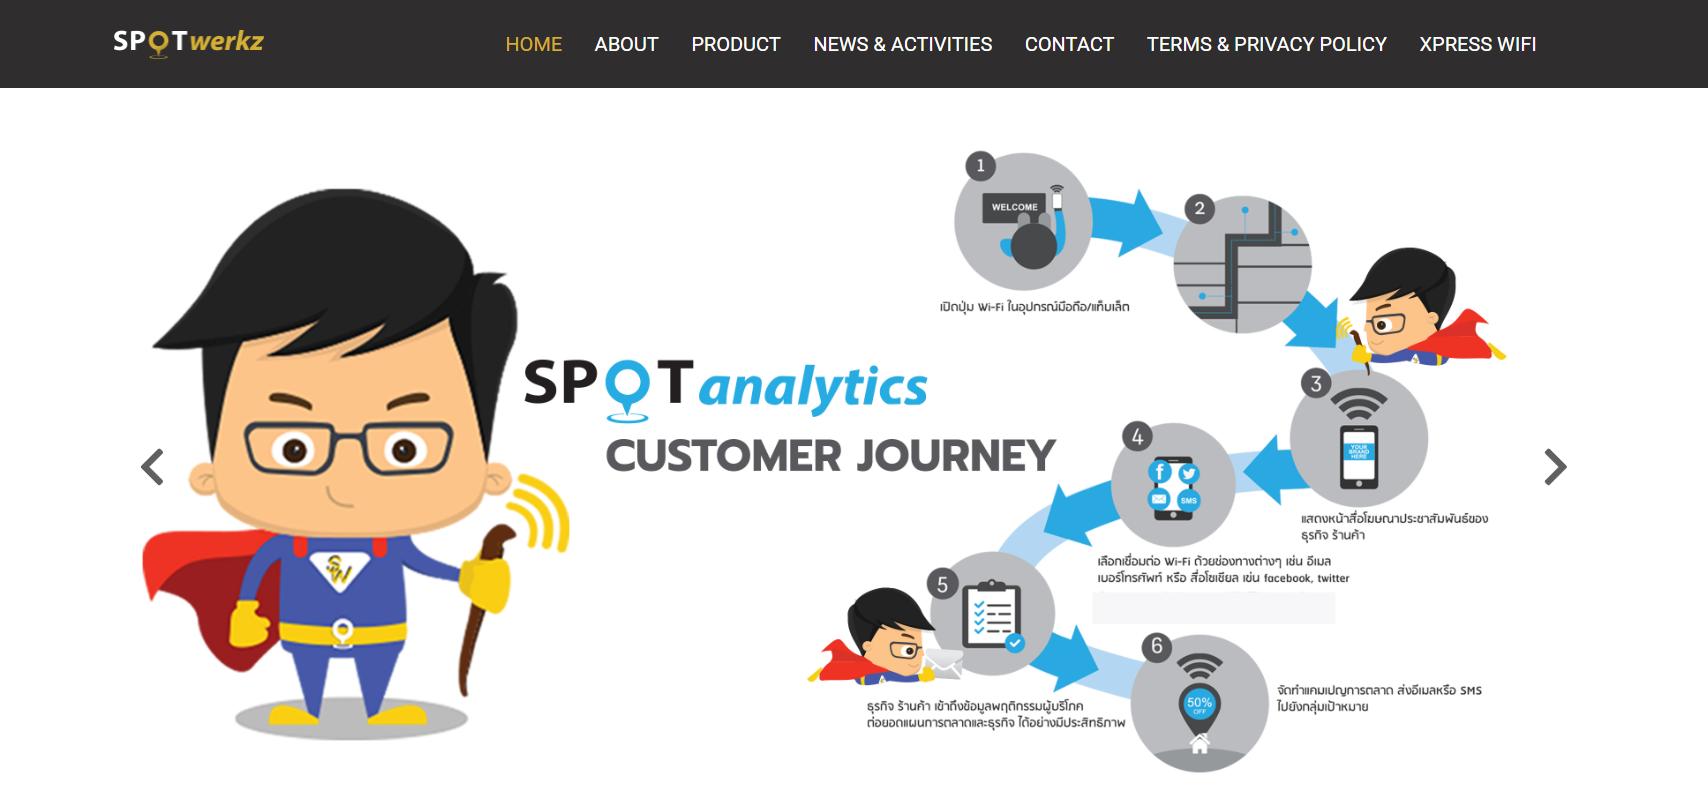 spotwerkz-profile-banner-2